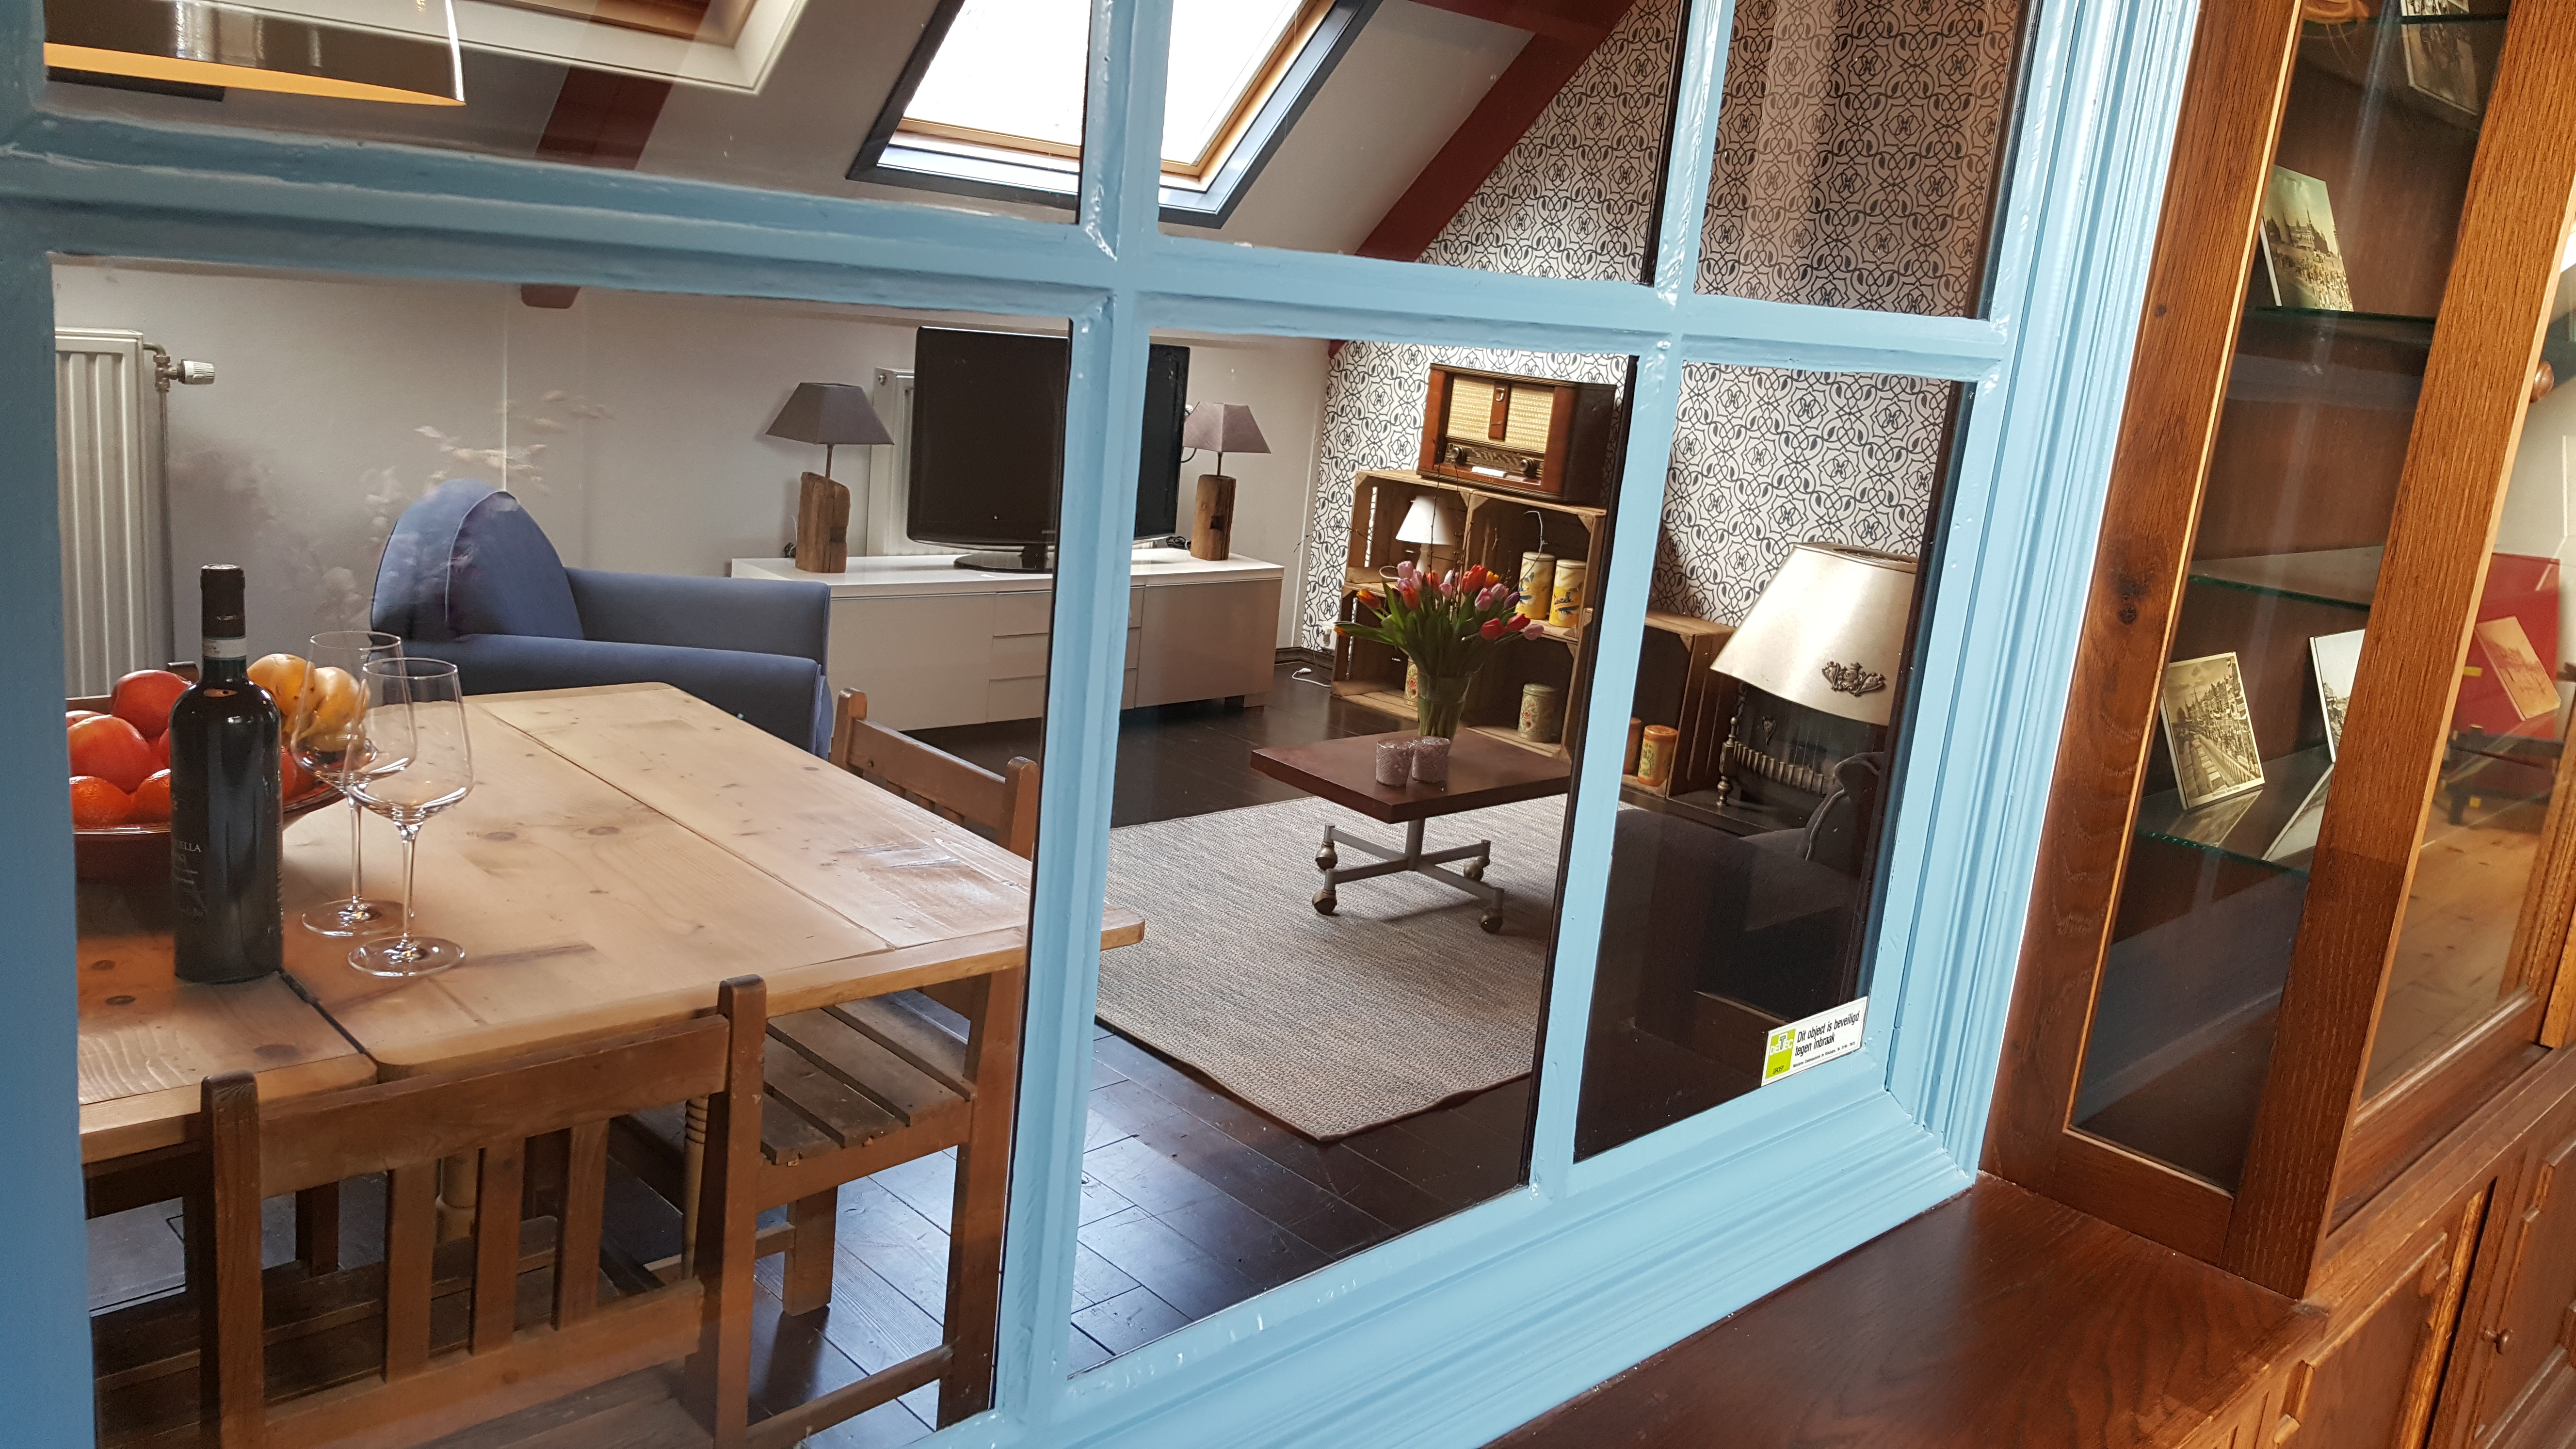 Doorkijk Toegang kamer B&B Lant van Beloften Vlissingen Zeeland Vakantiewoning Ferienwohnung Strand Bed and Breakfast